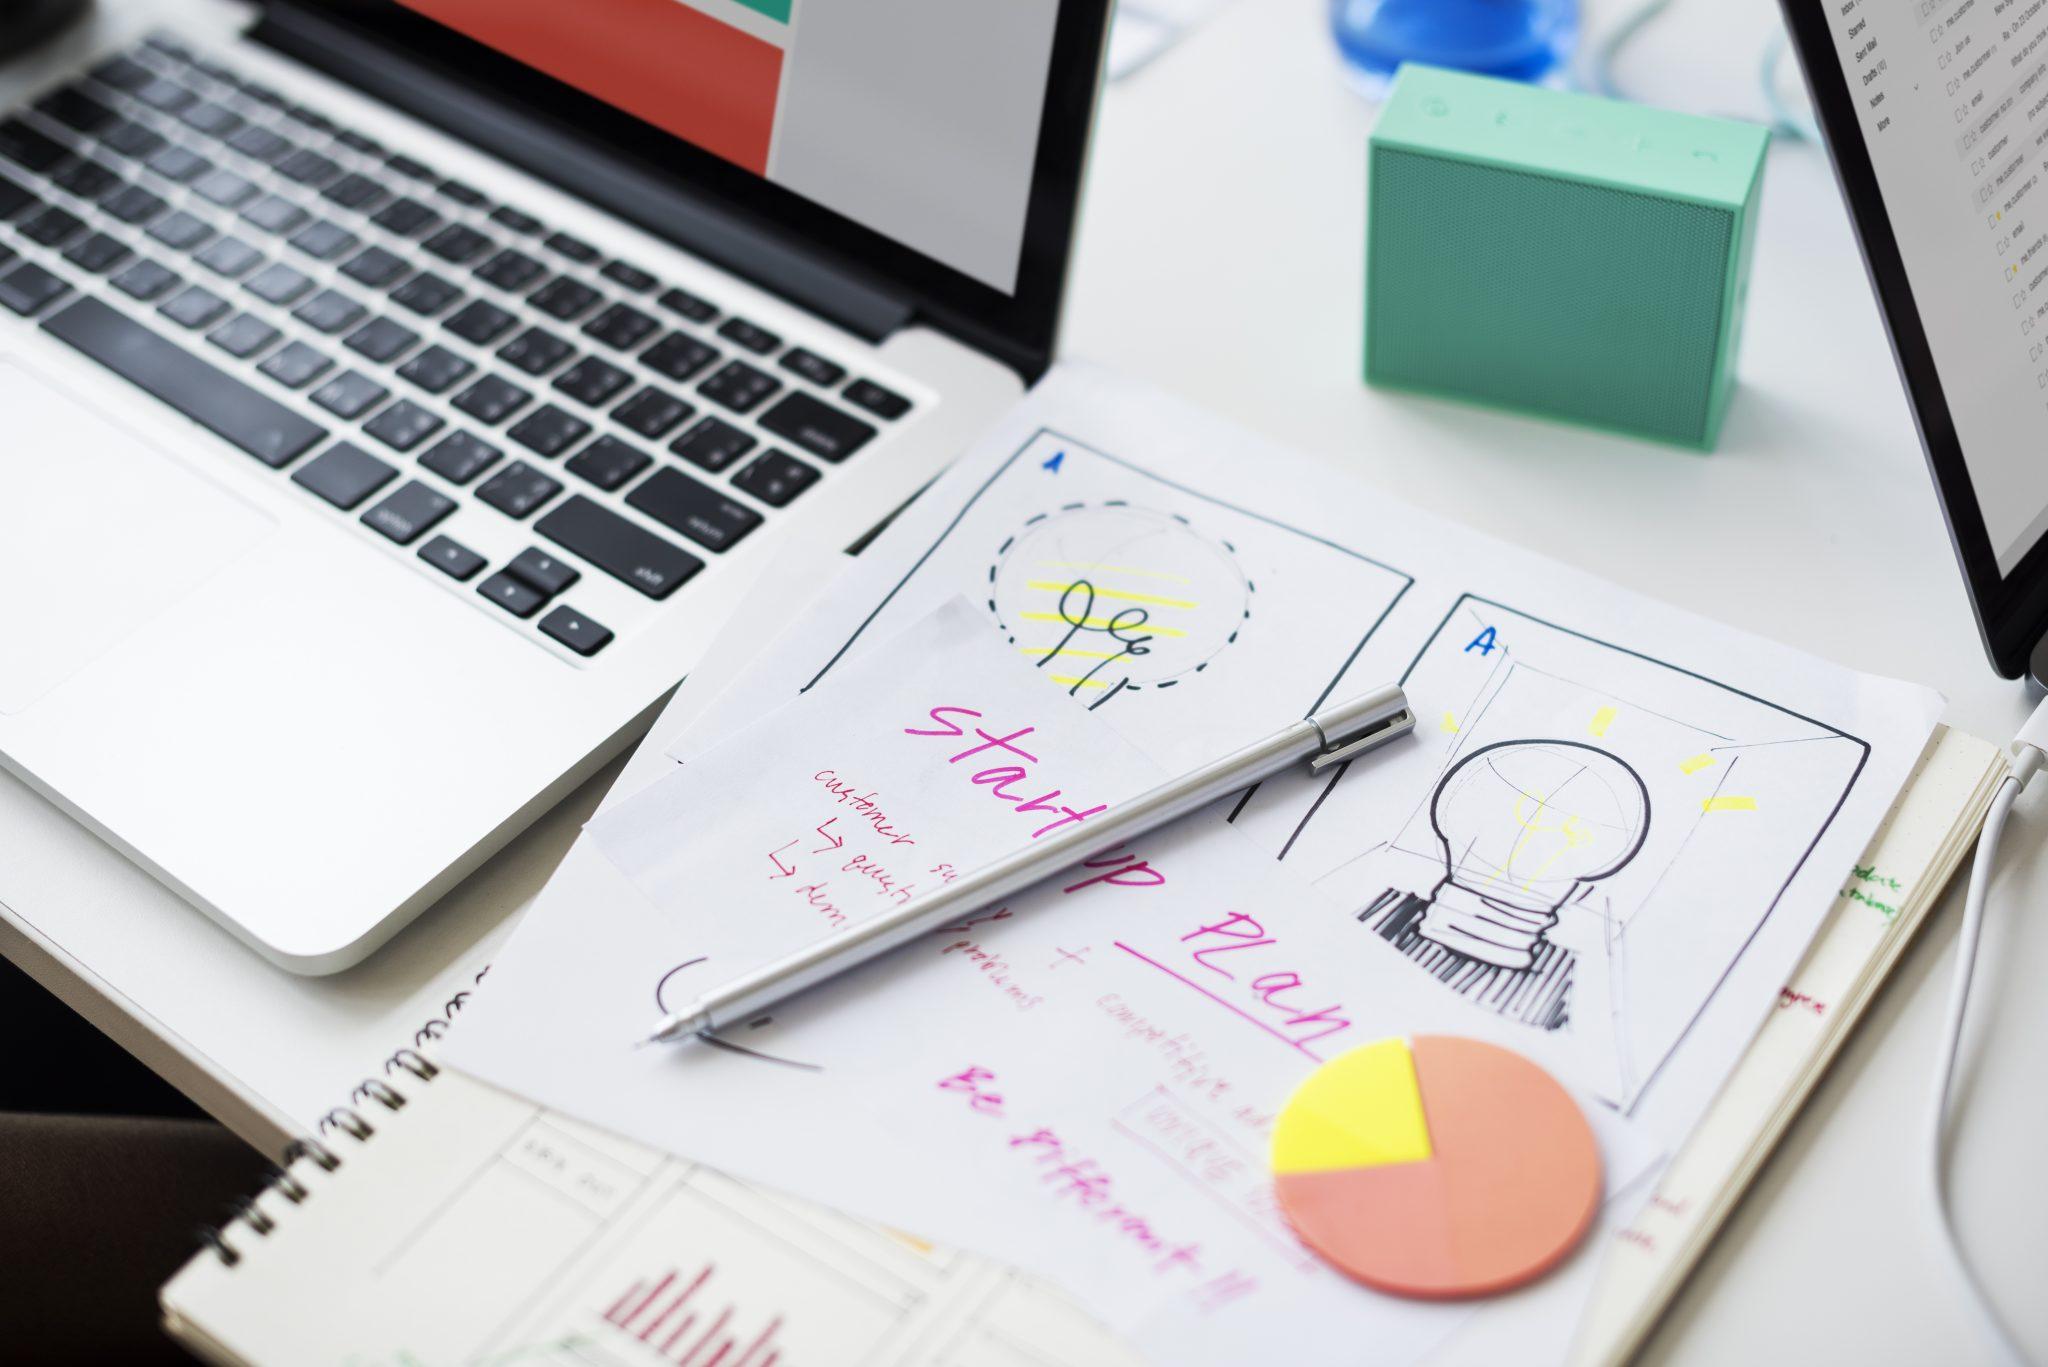 Como criar uma startup: veja o passo a passo